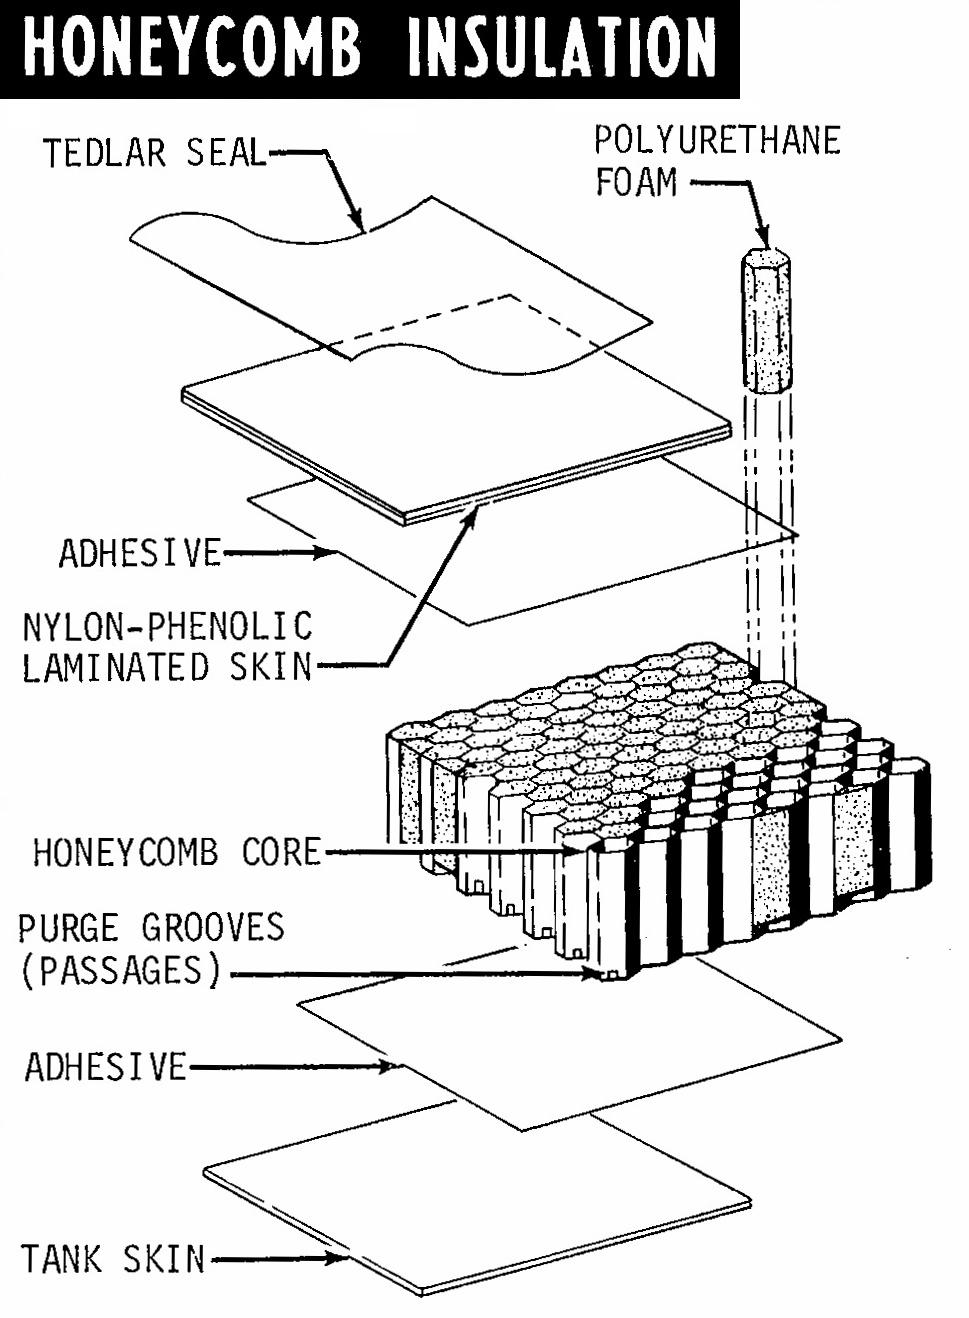 Apollo Flight Journal - S-II Insulation